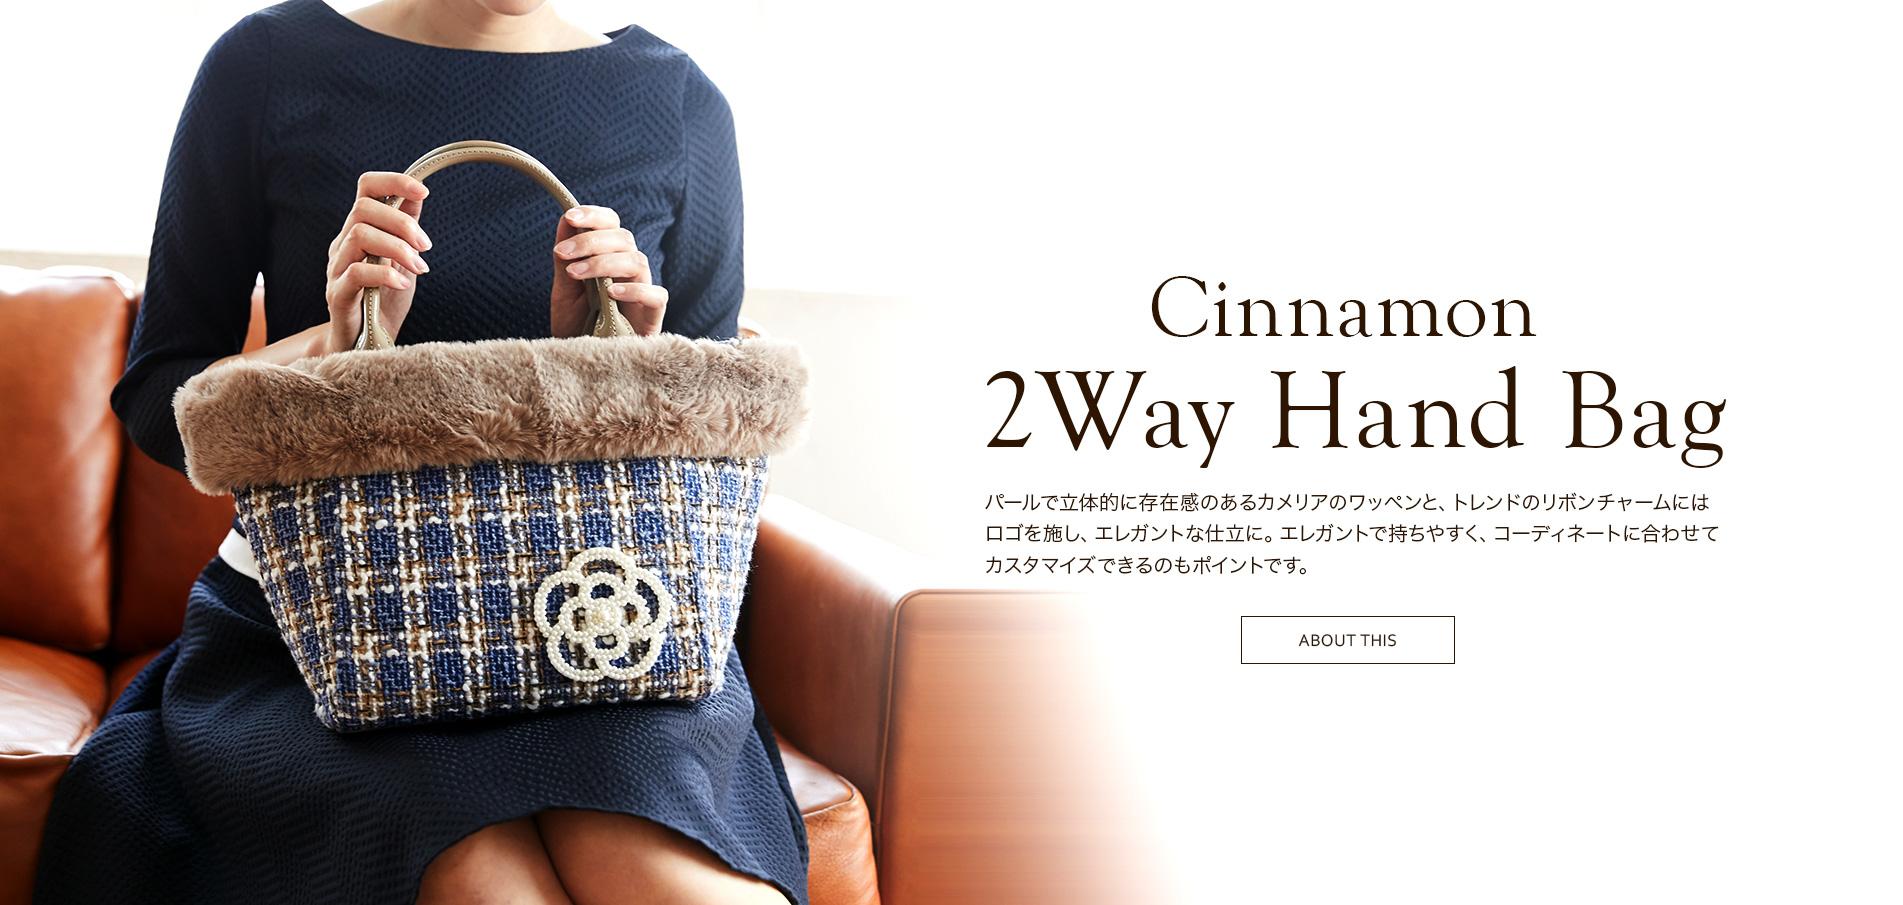 シナモン2wayハンドバッグ